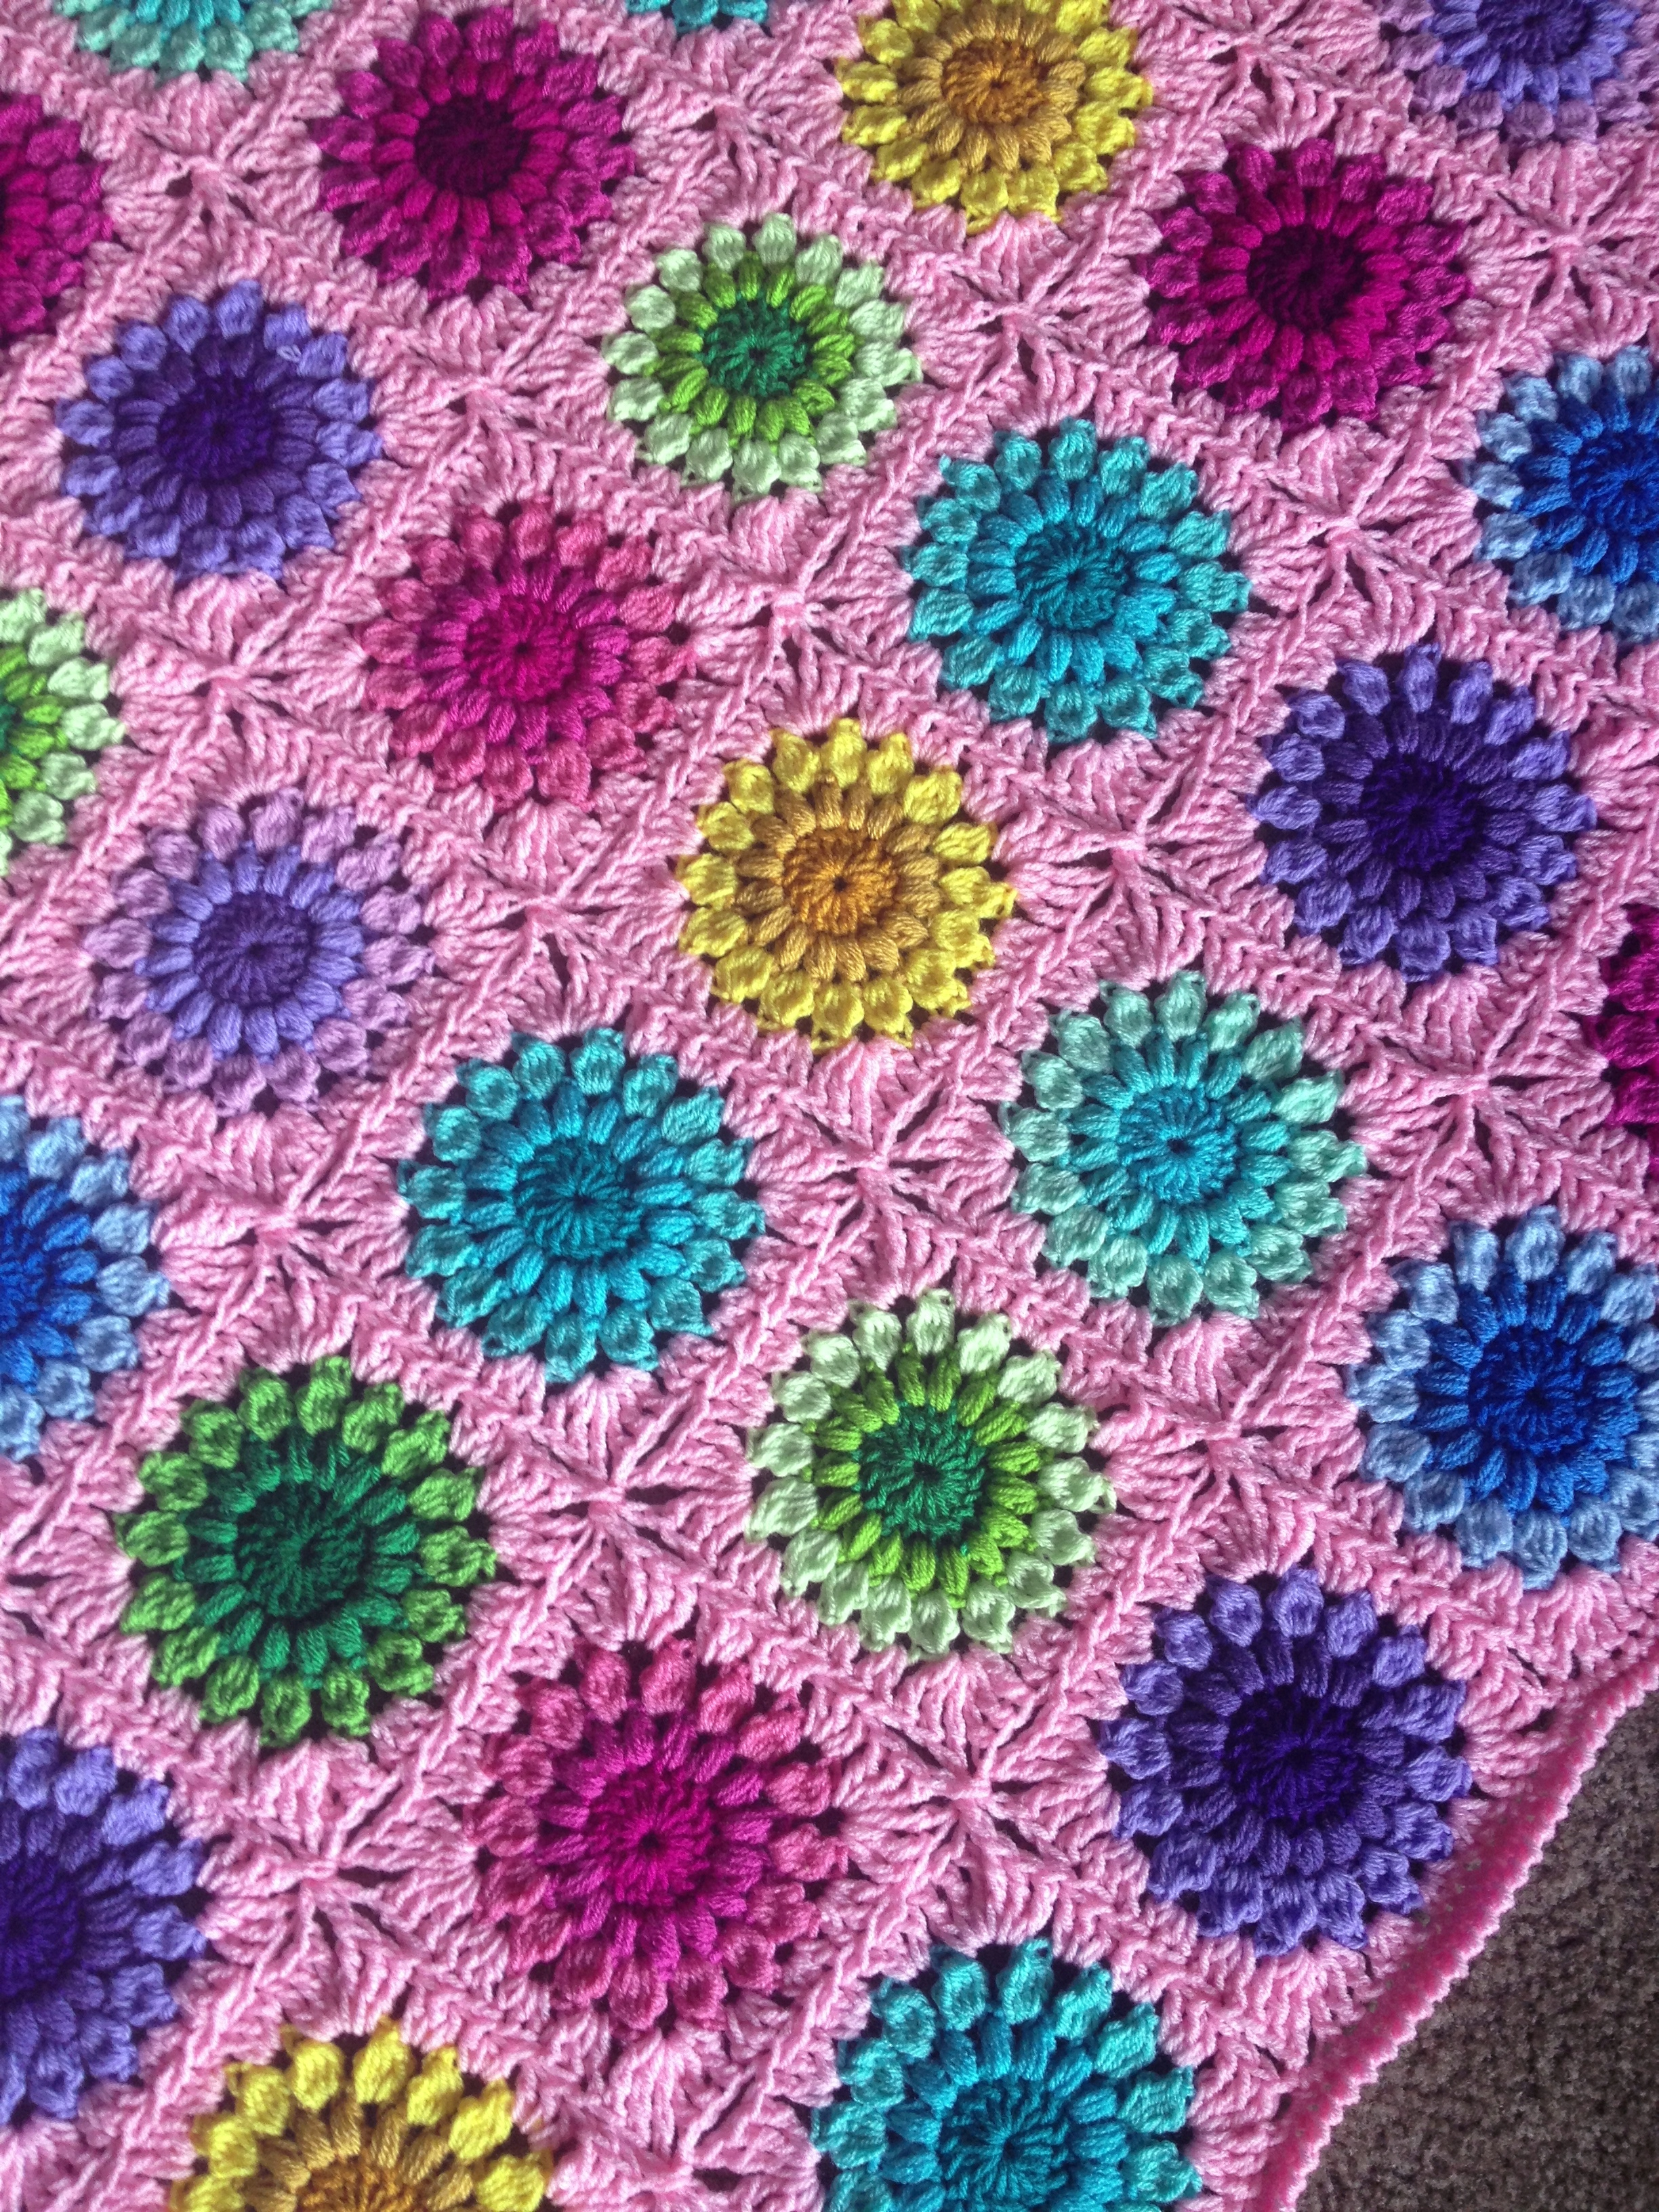 Crochet Sunburst Flower Blanket Free Tutorial Plus